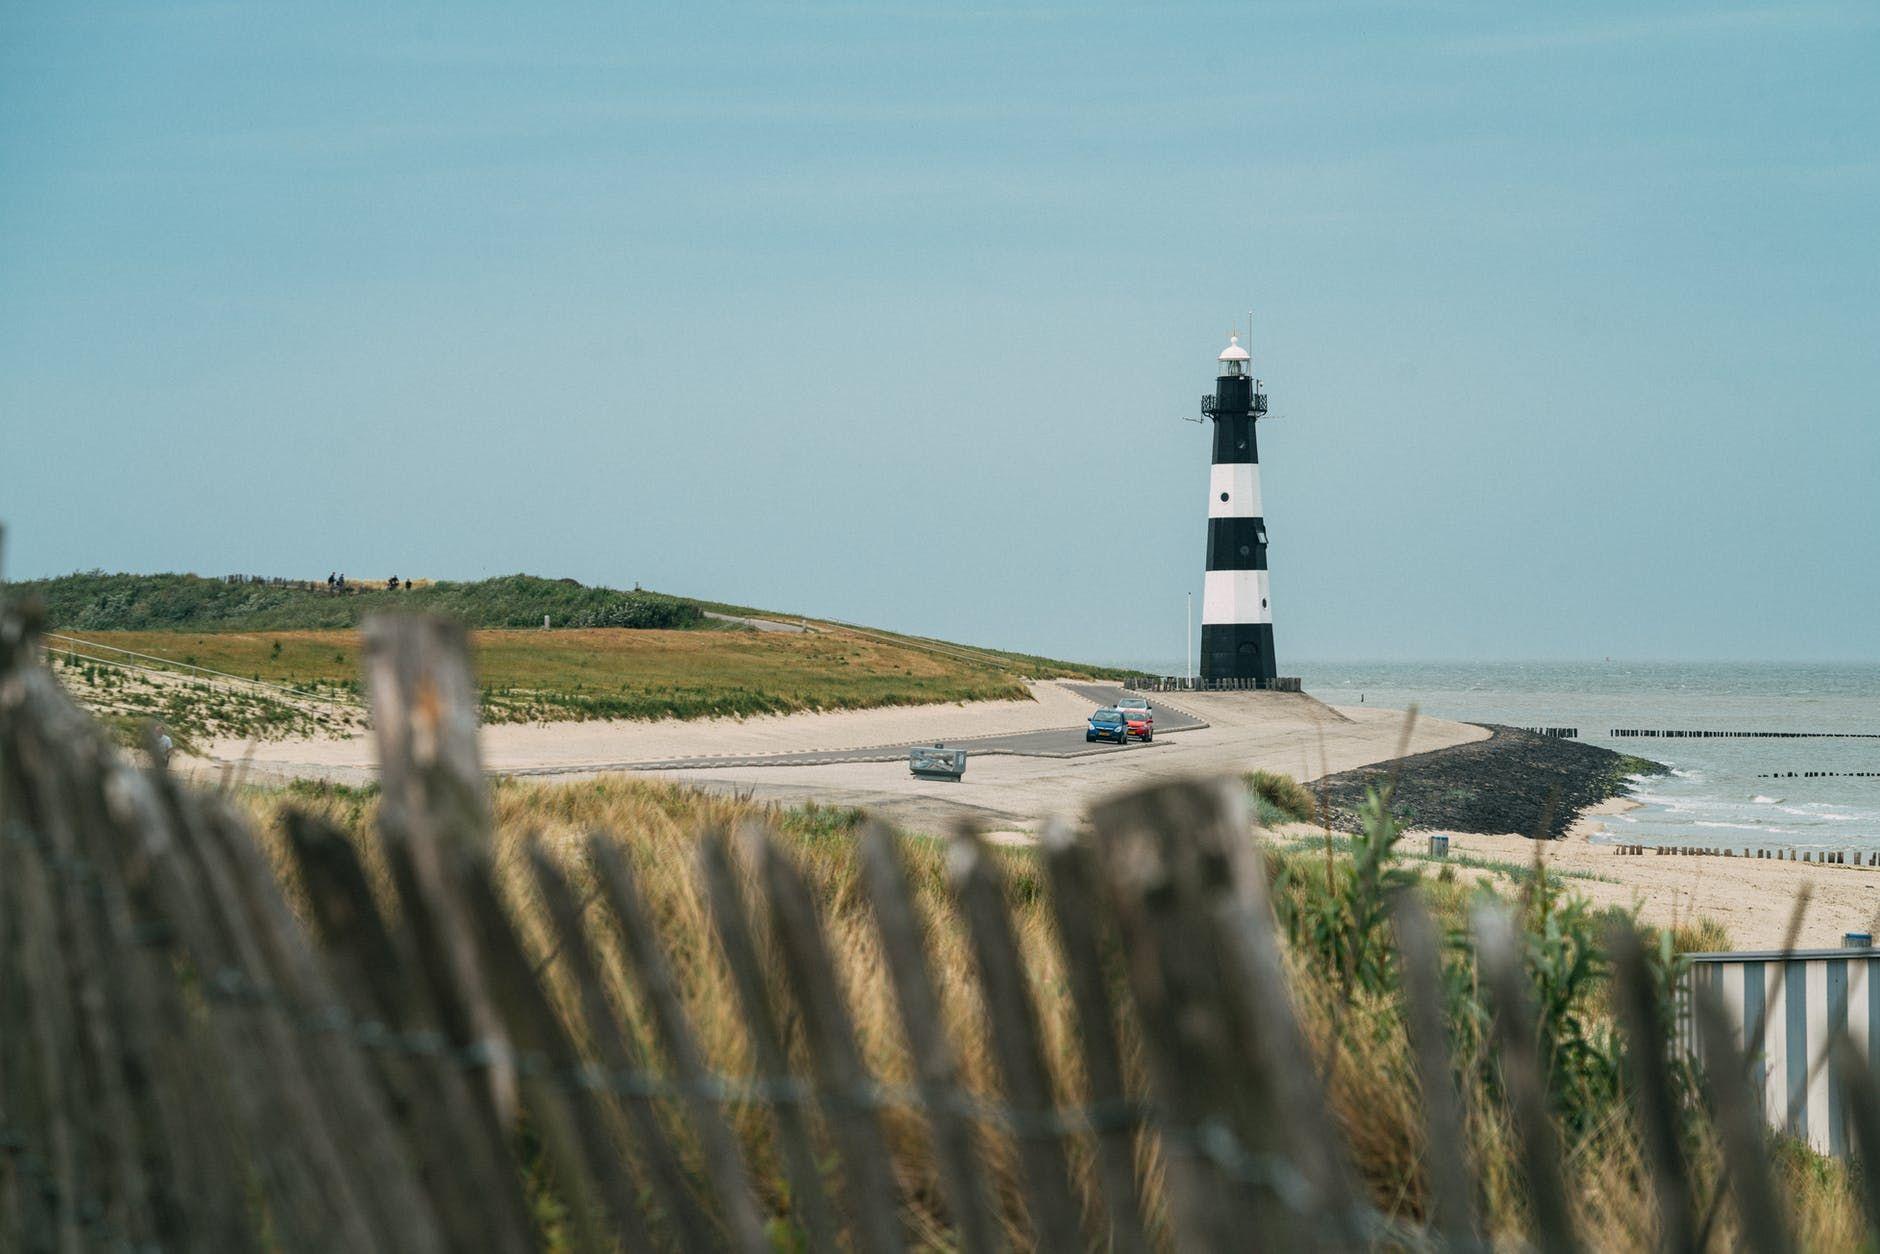 solitude lighthouse on coastline at sea